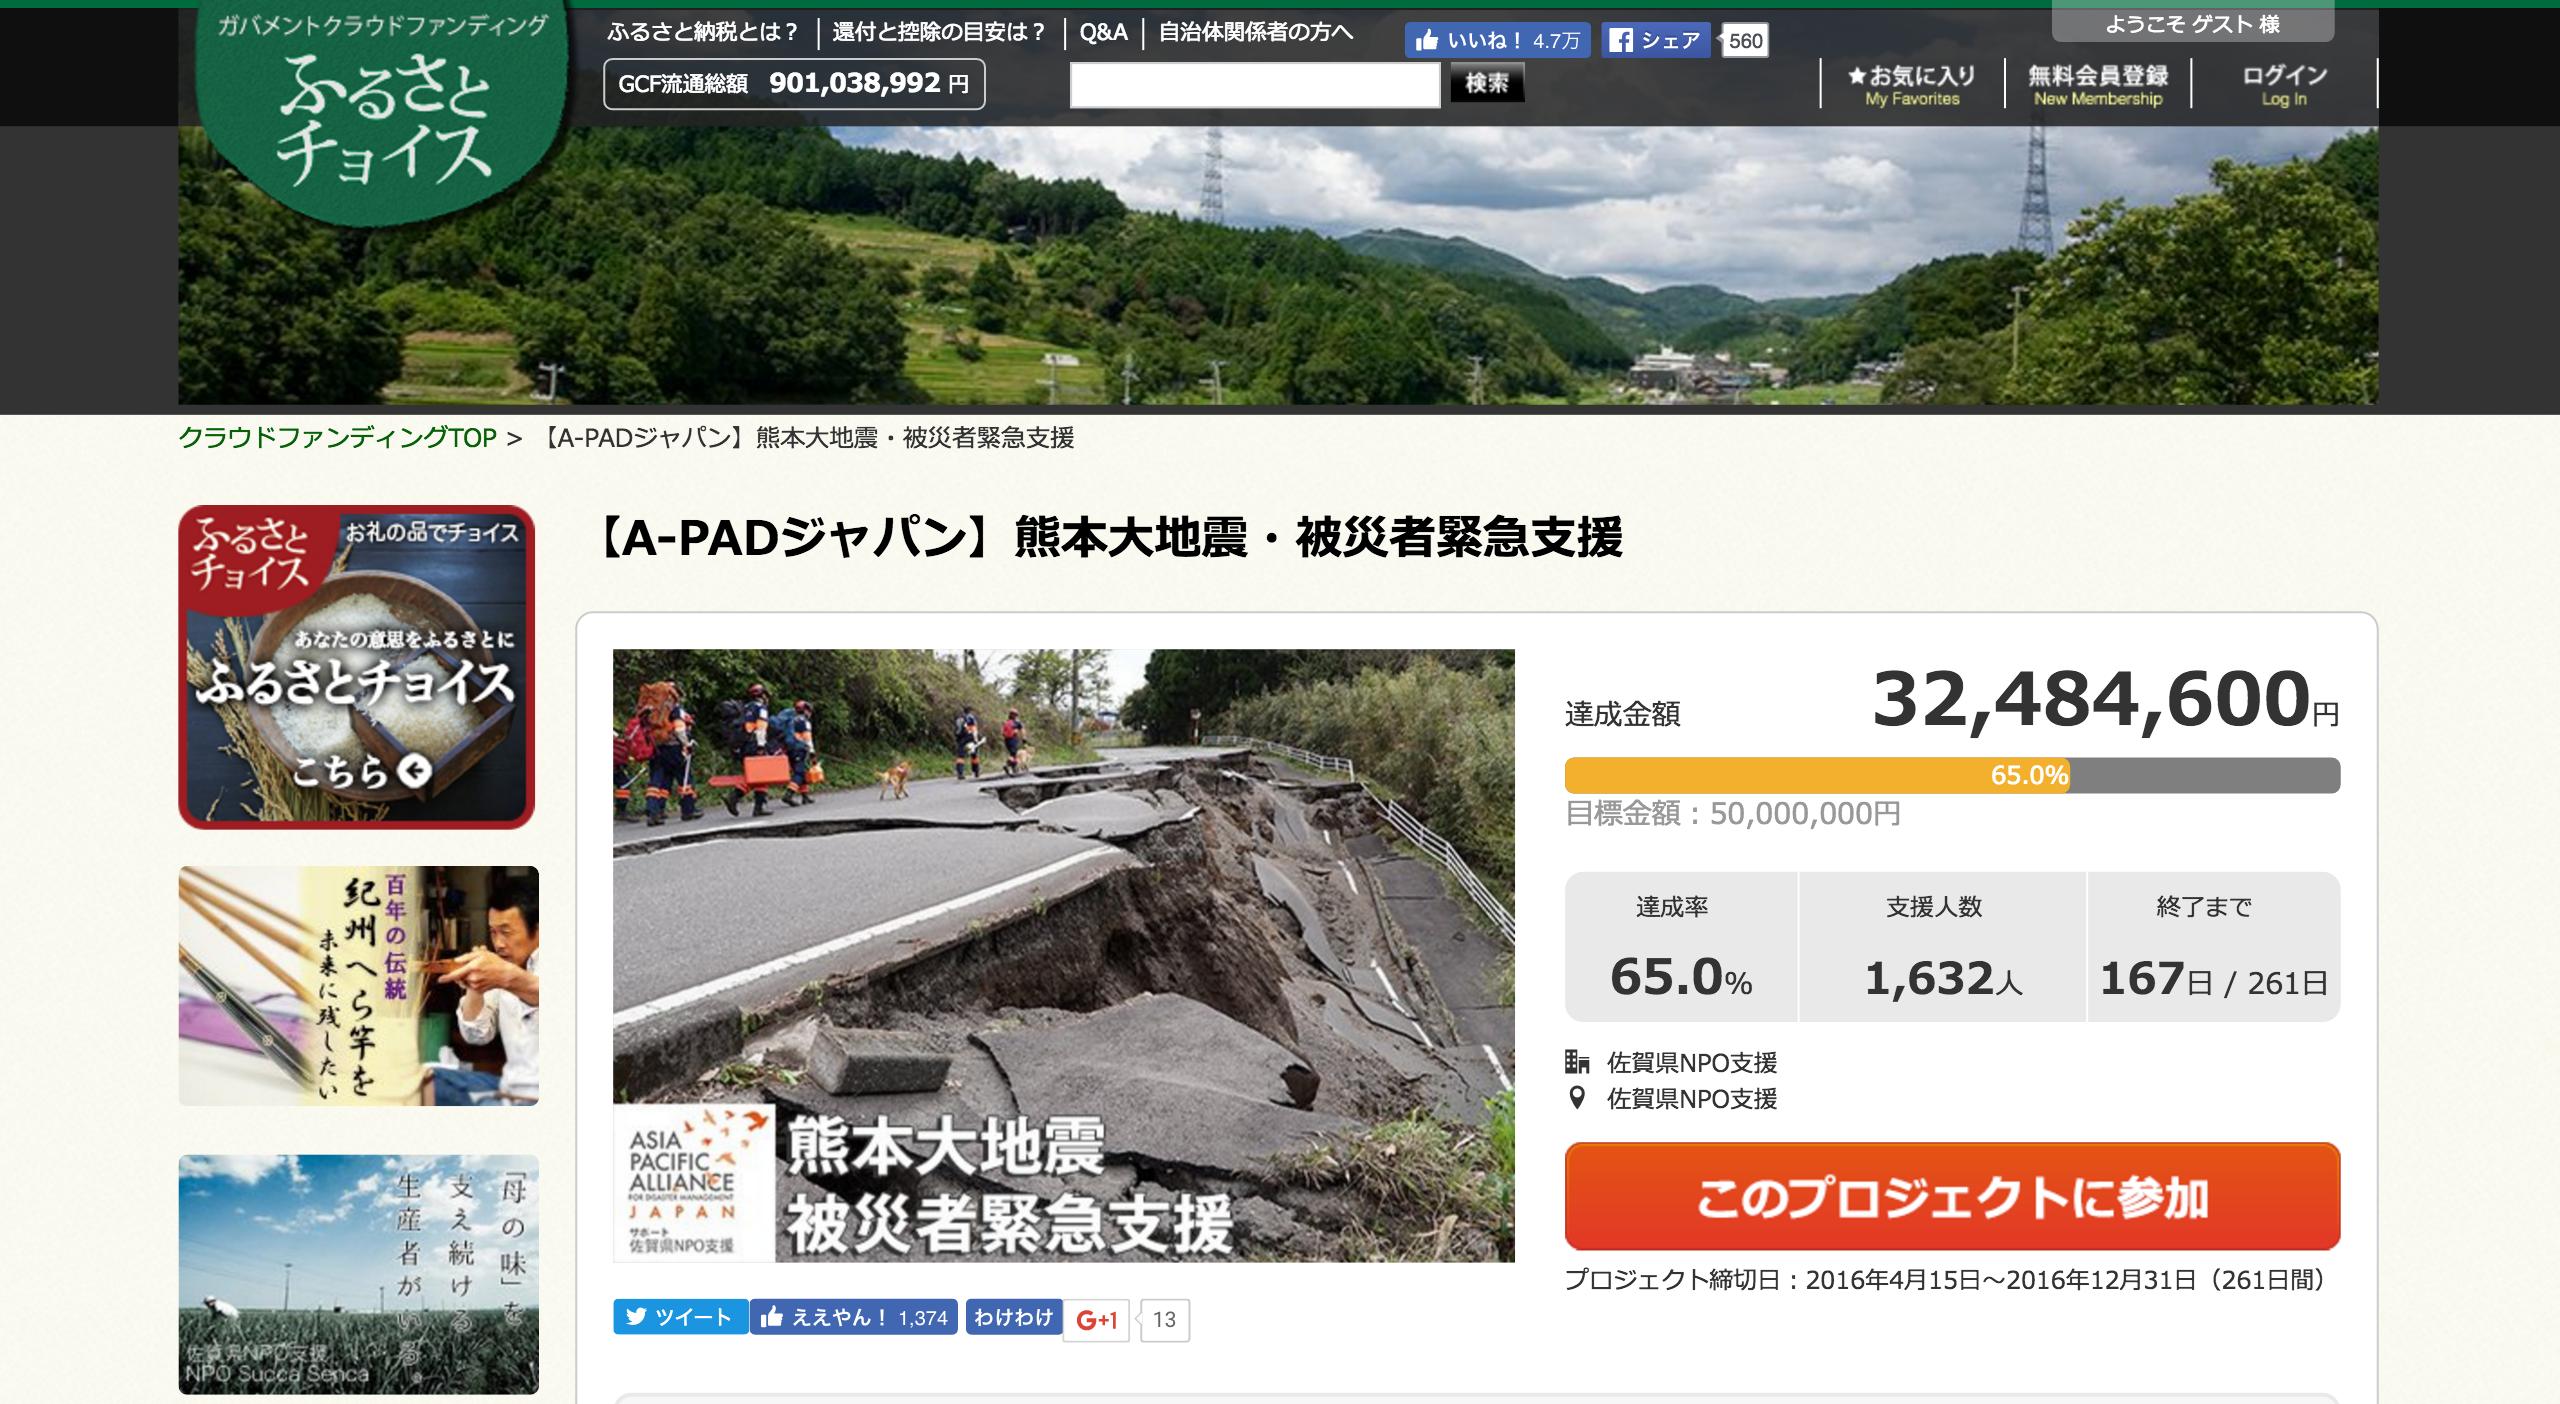 ふるさとチョイス熊本支援義援金